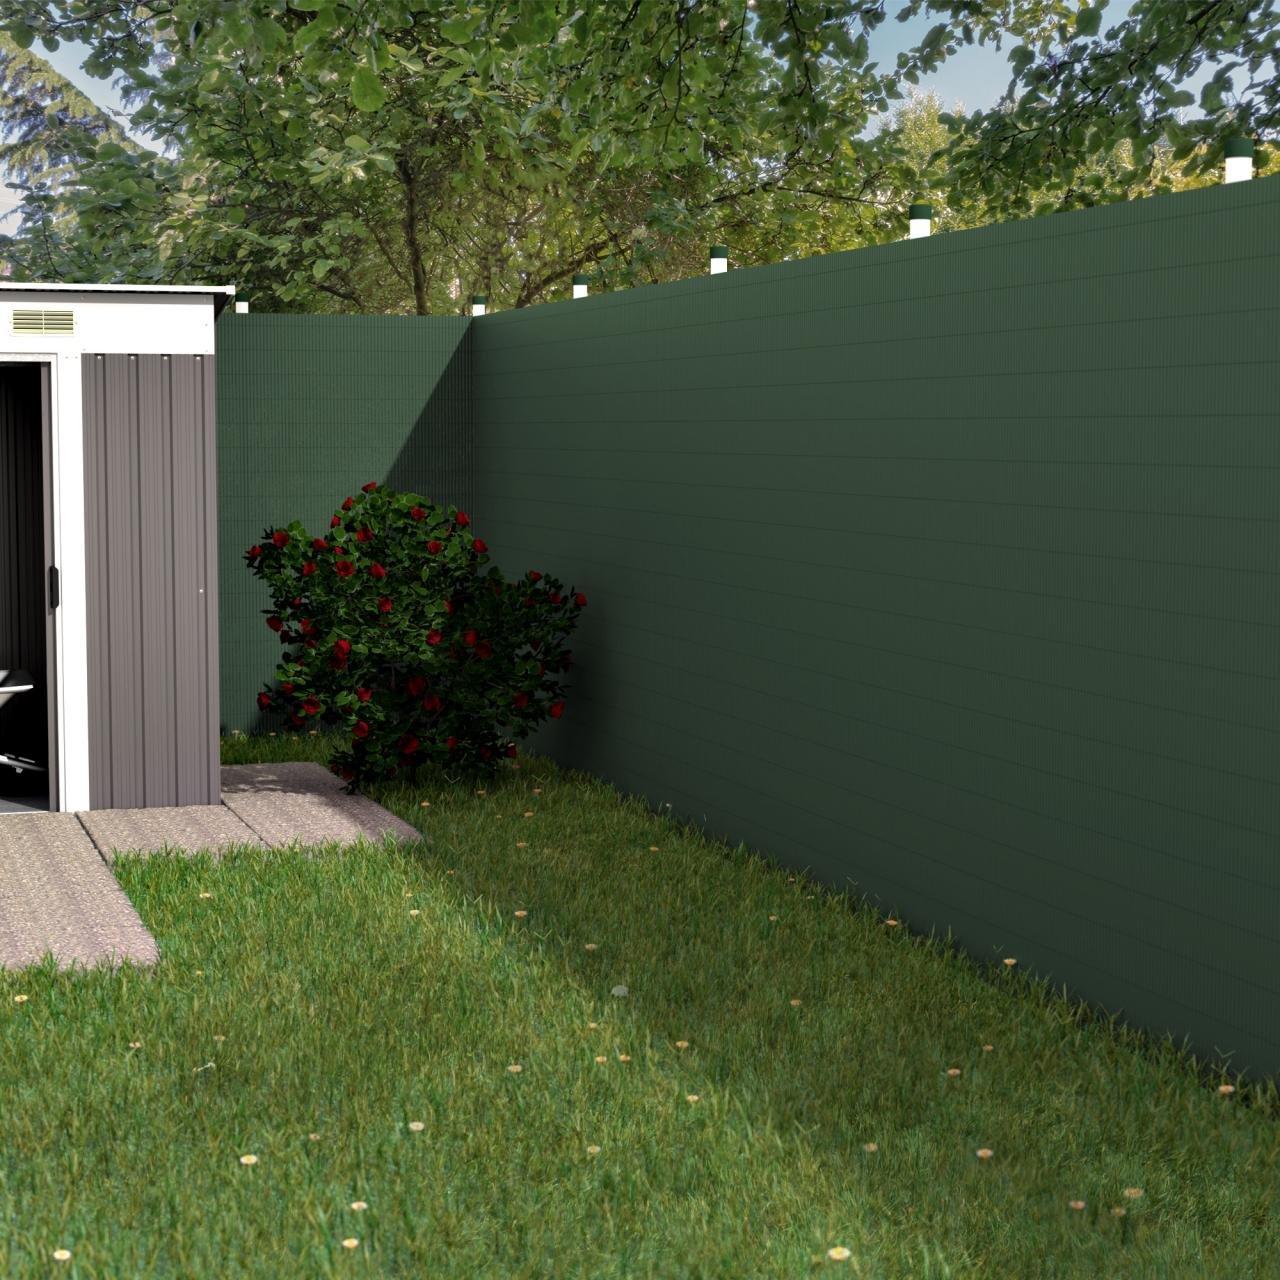 Revestimiento de estera de protección visual y cortavientos para valla, de Homelux, para balcones y jardines, de PVC, impermeable y de secado rápido, resistente a los rayos UV, color y medidas a